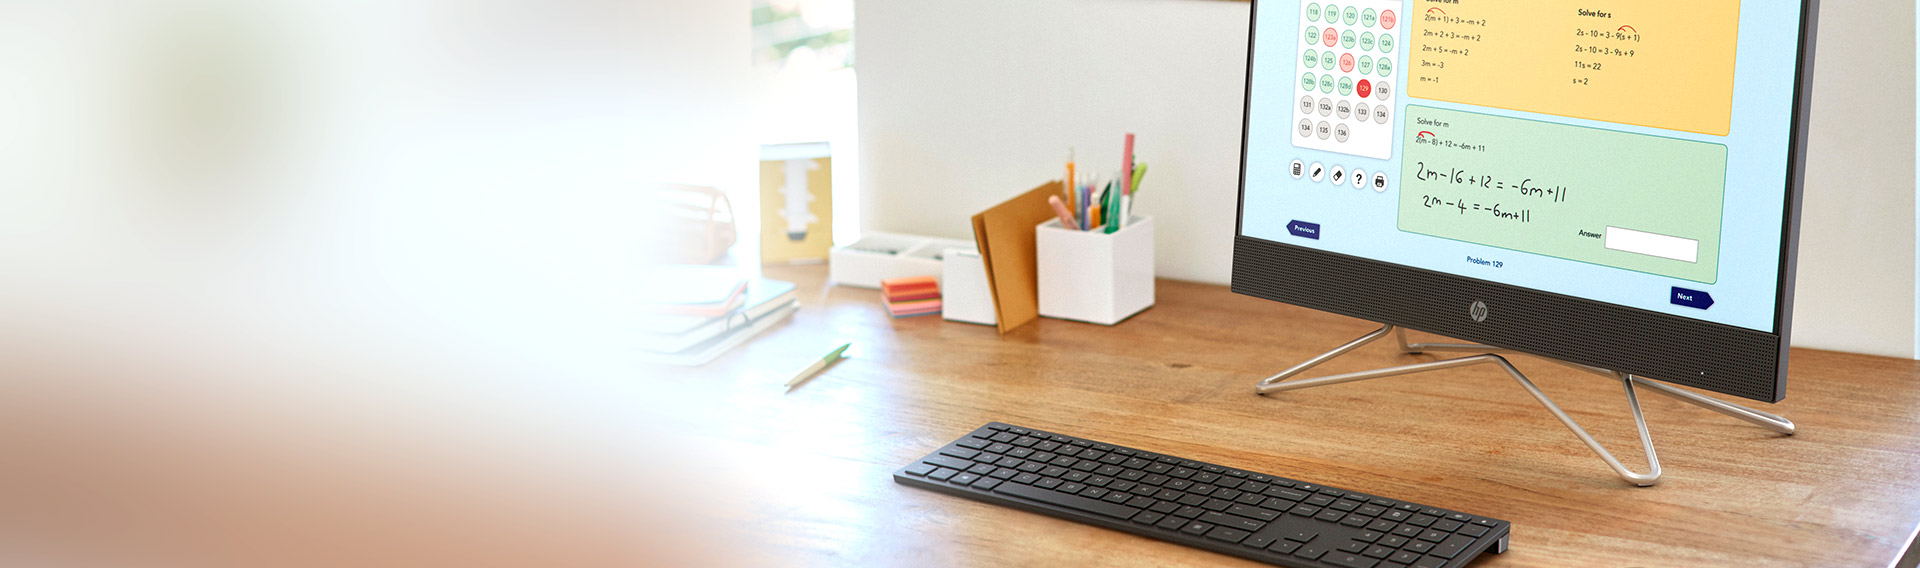 Desktops con cupón de -15% adicional